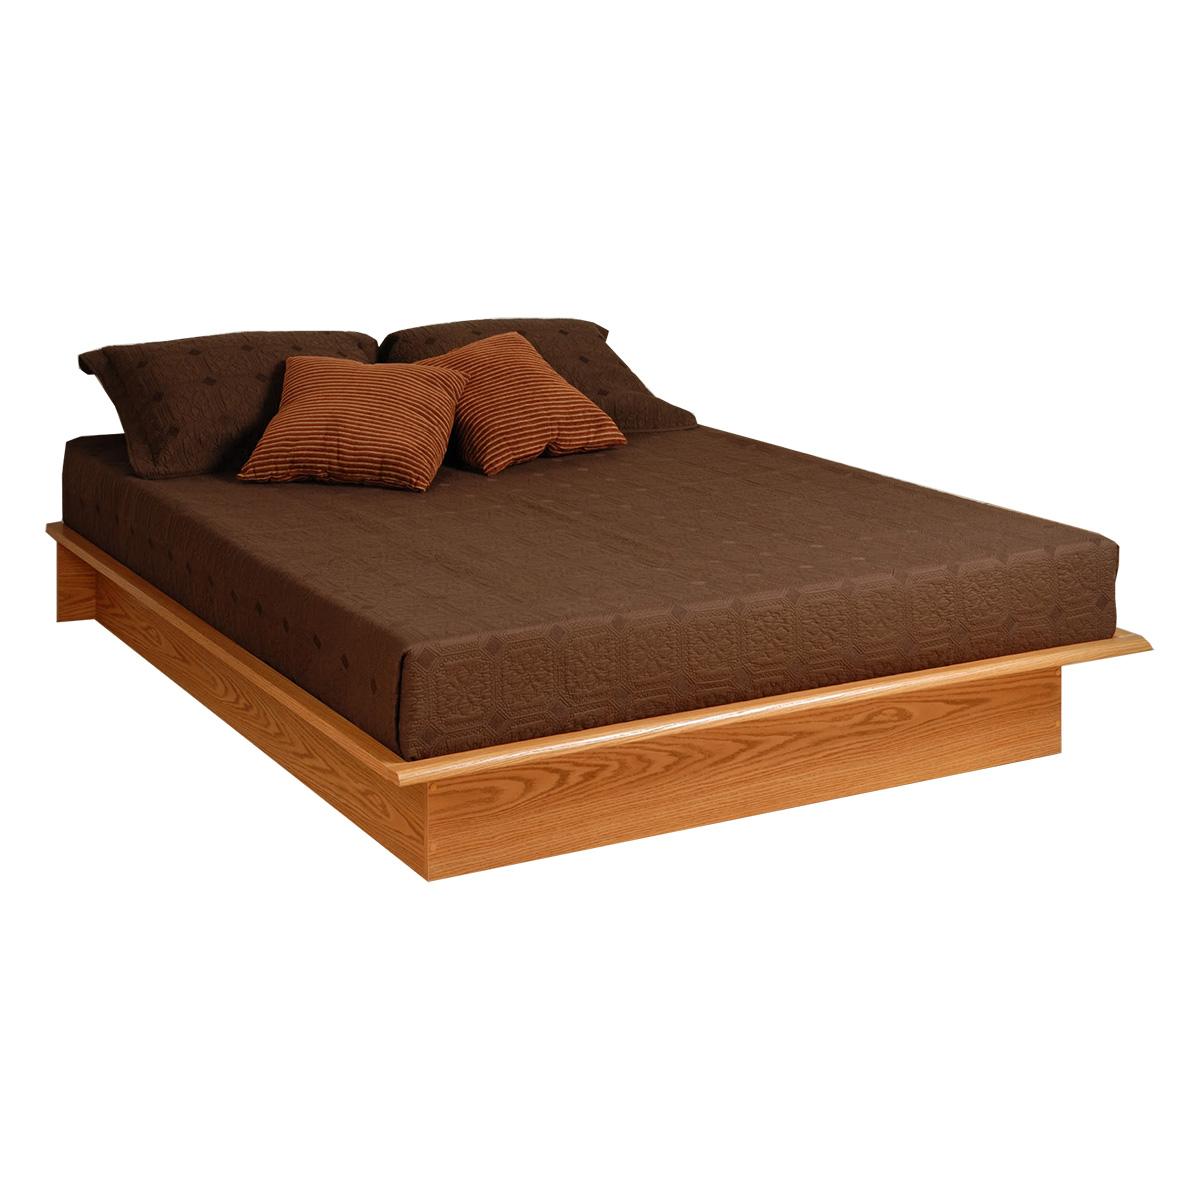 Leather Bed Oak Beds Und: Prepac Platform Bed